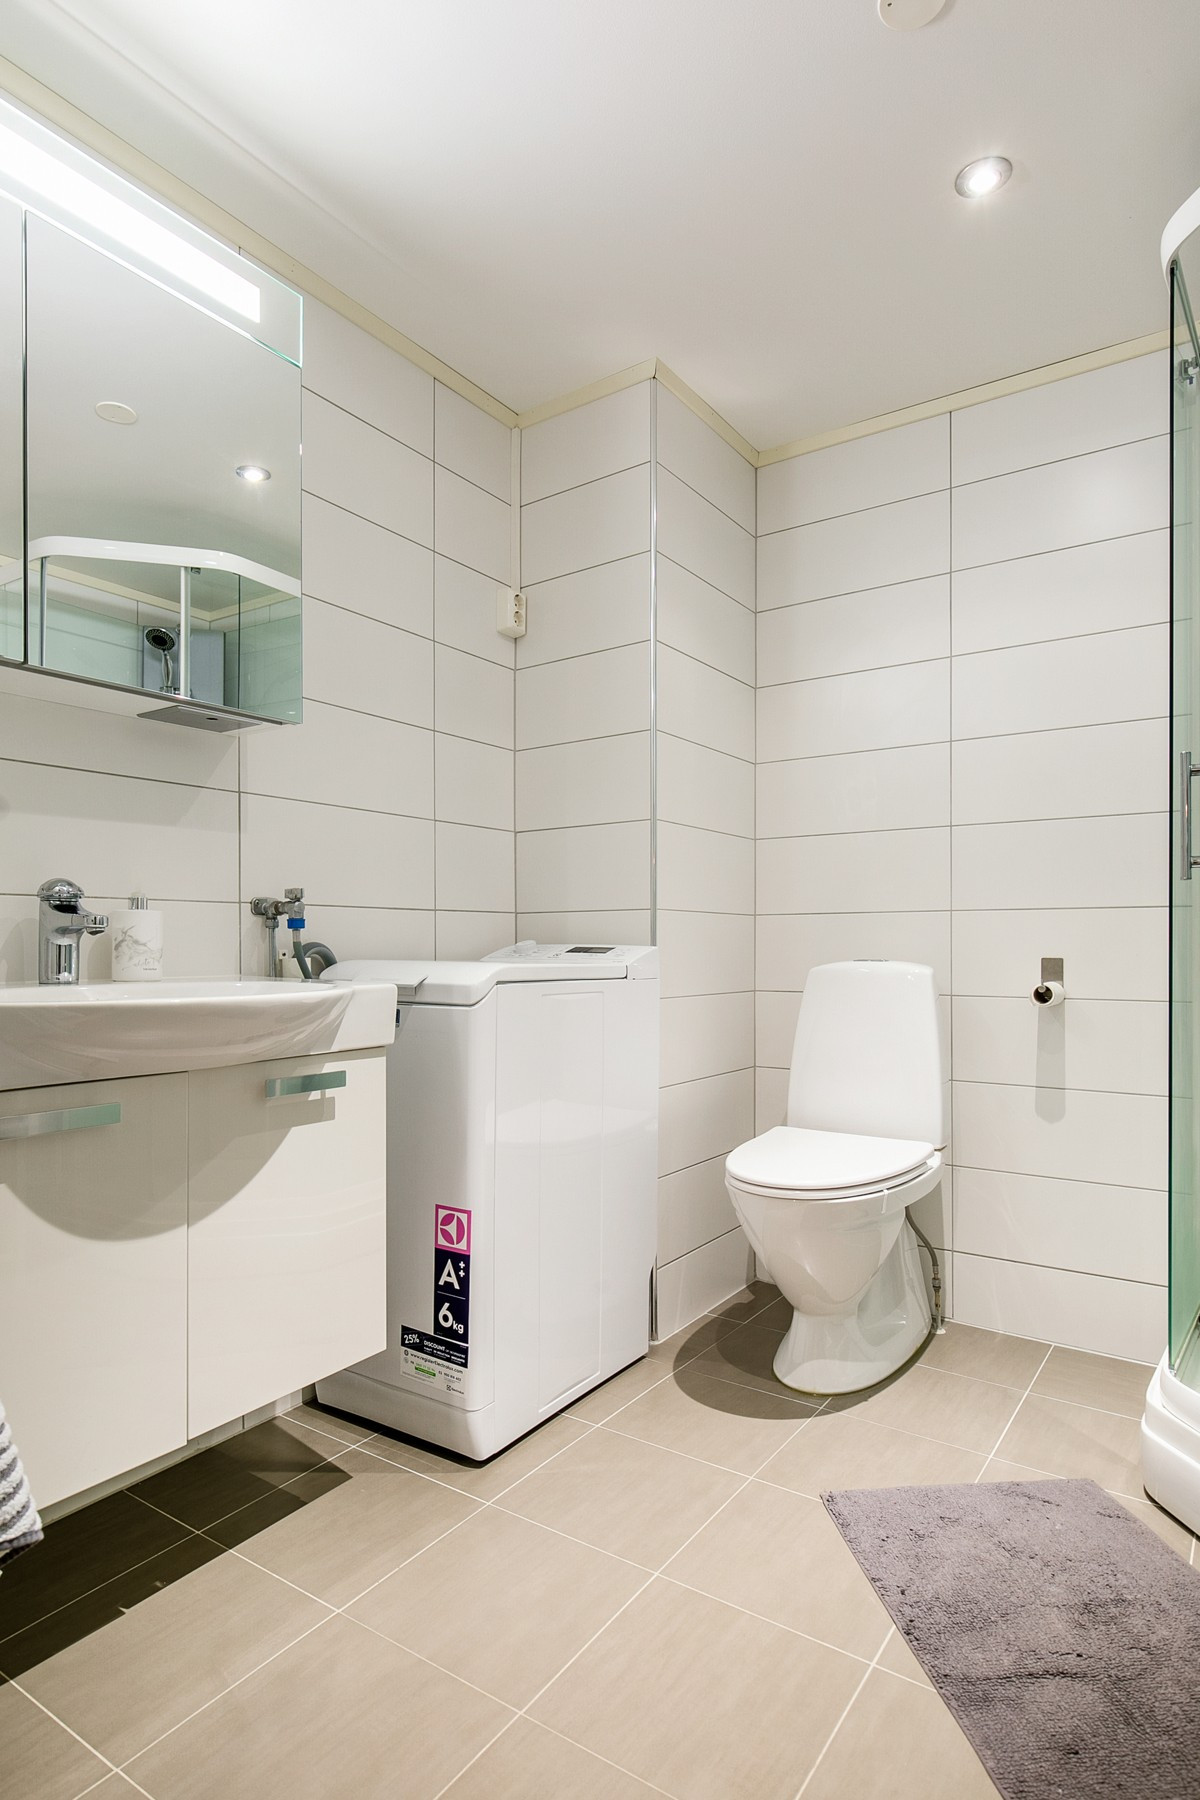 Baderomsinnredning, toalett, samt opplegg til vaskemaskin